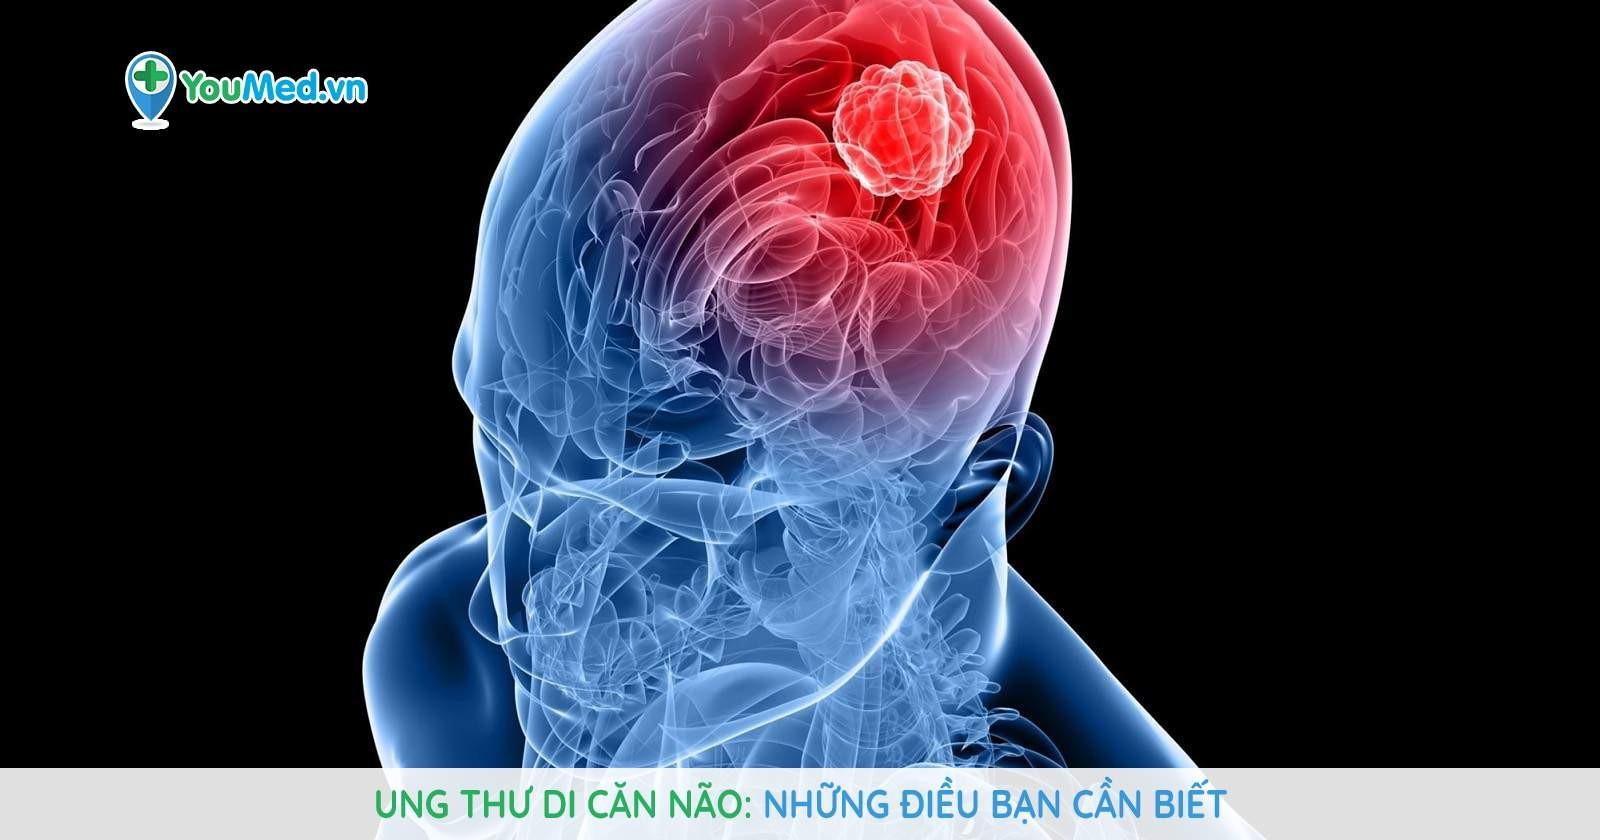 Ung thư di căn não: Những điều bạn cần biết